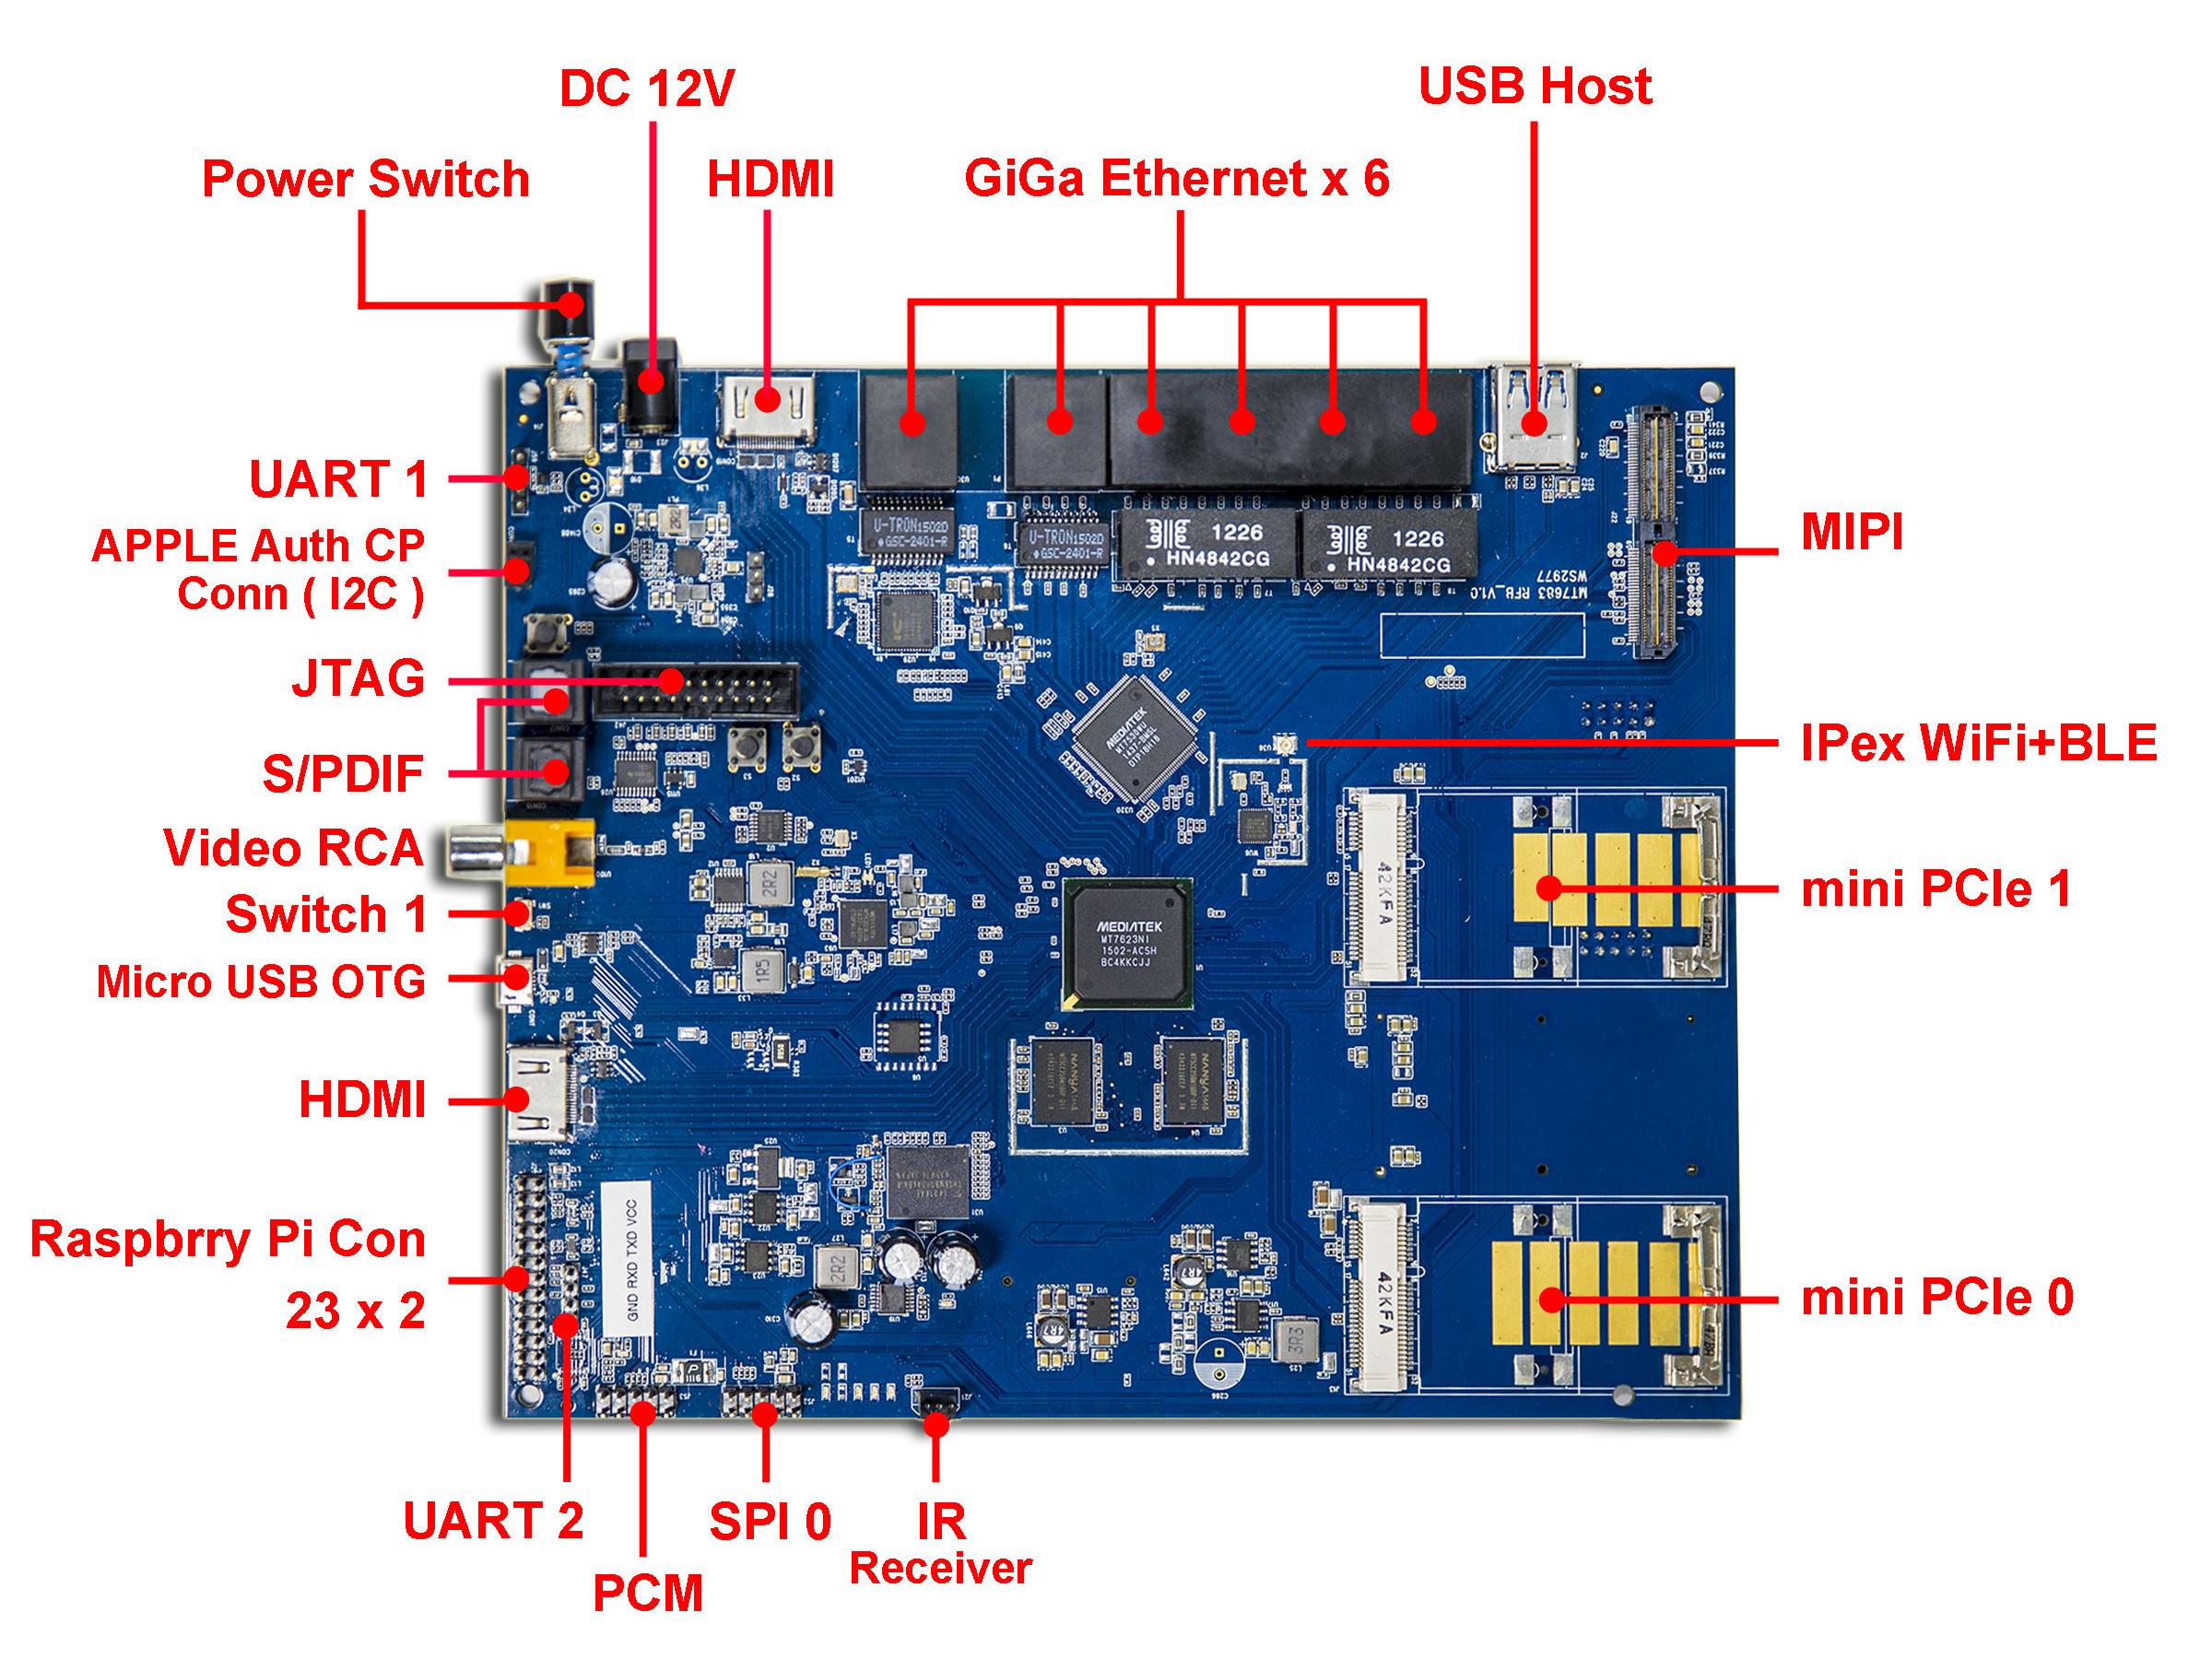 98 Geek Force Mediatek Mt7623 Router Board Features 6 Gbe